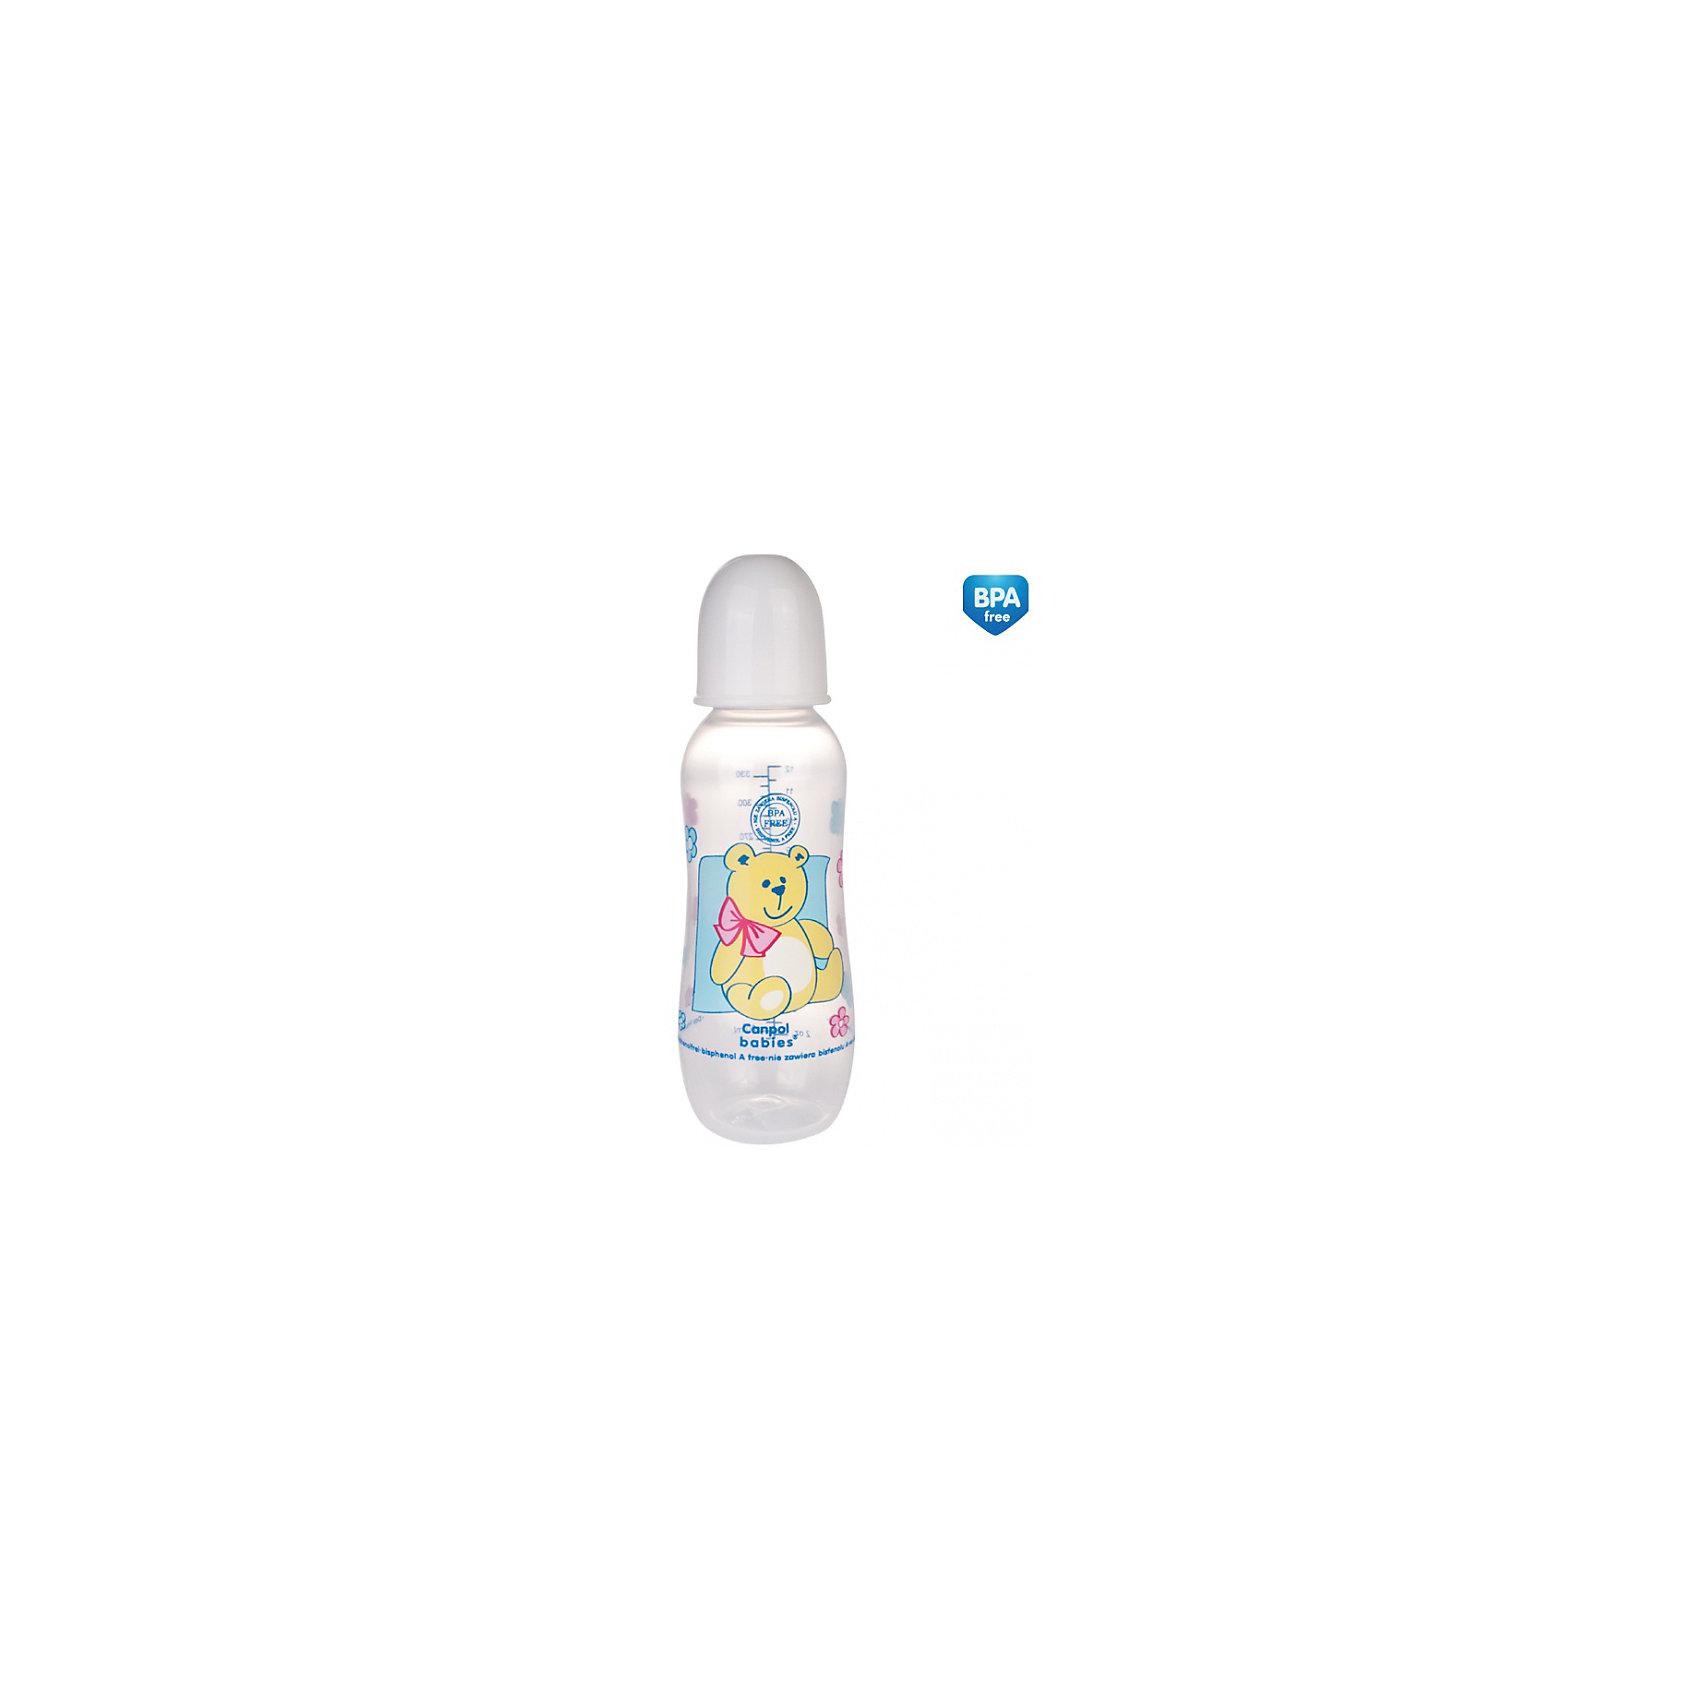 Canpol Babies Бутылочка с 0 мес., Canpol Babies, 330 мл., виброплатформы для похудения в алматы в интернет магазине